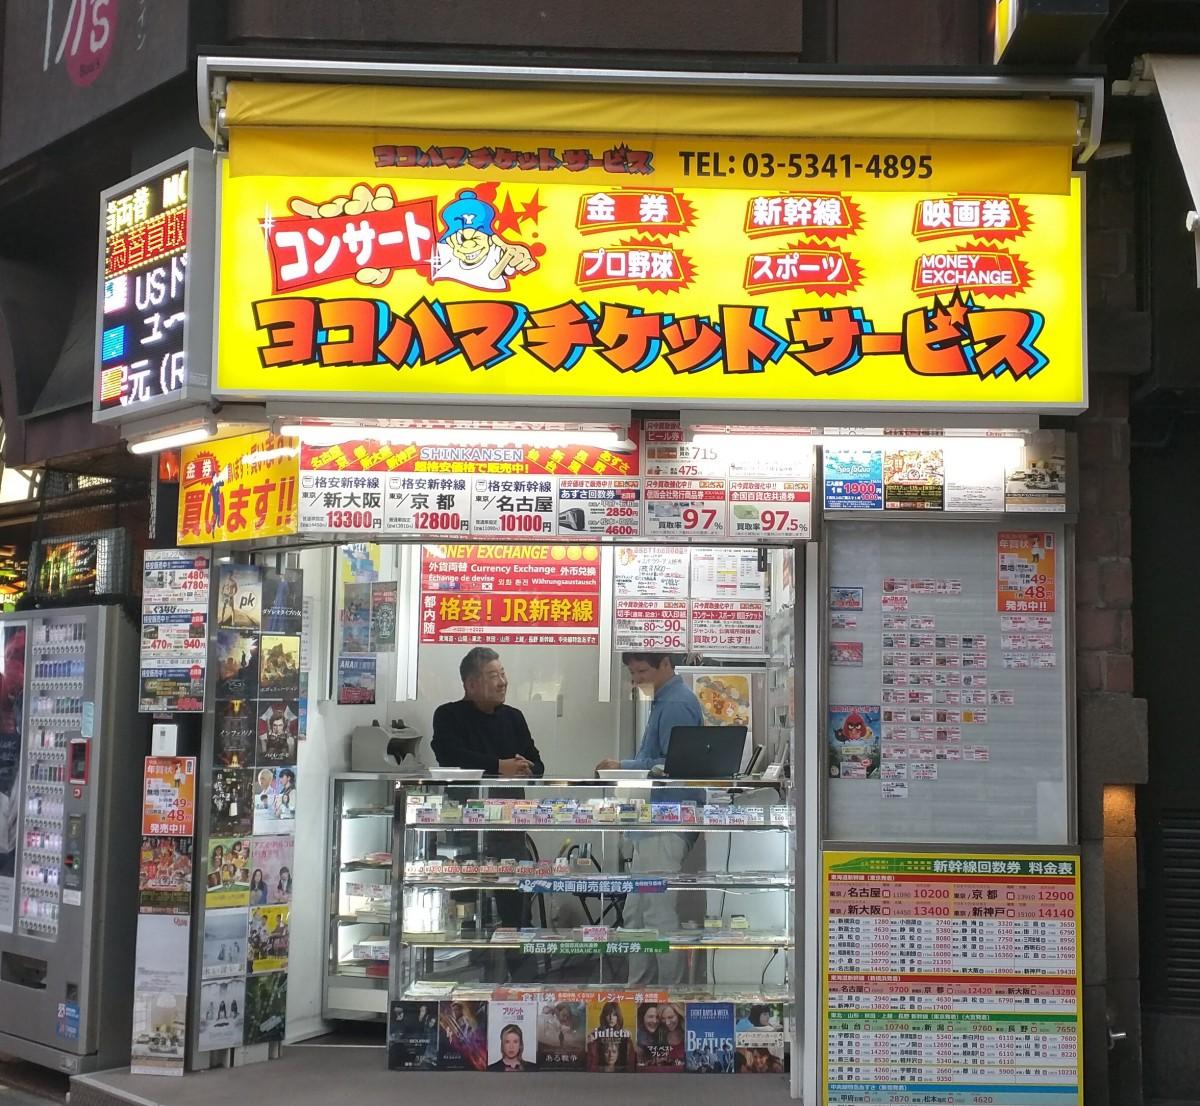 ヨコハマチケットサービス 新宿東口店